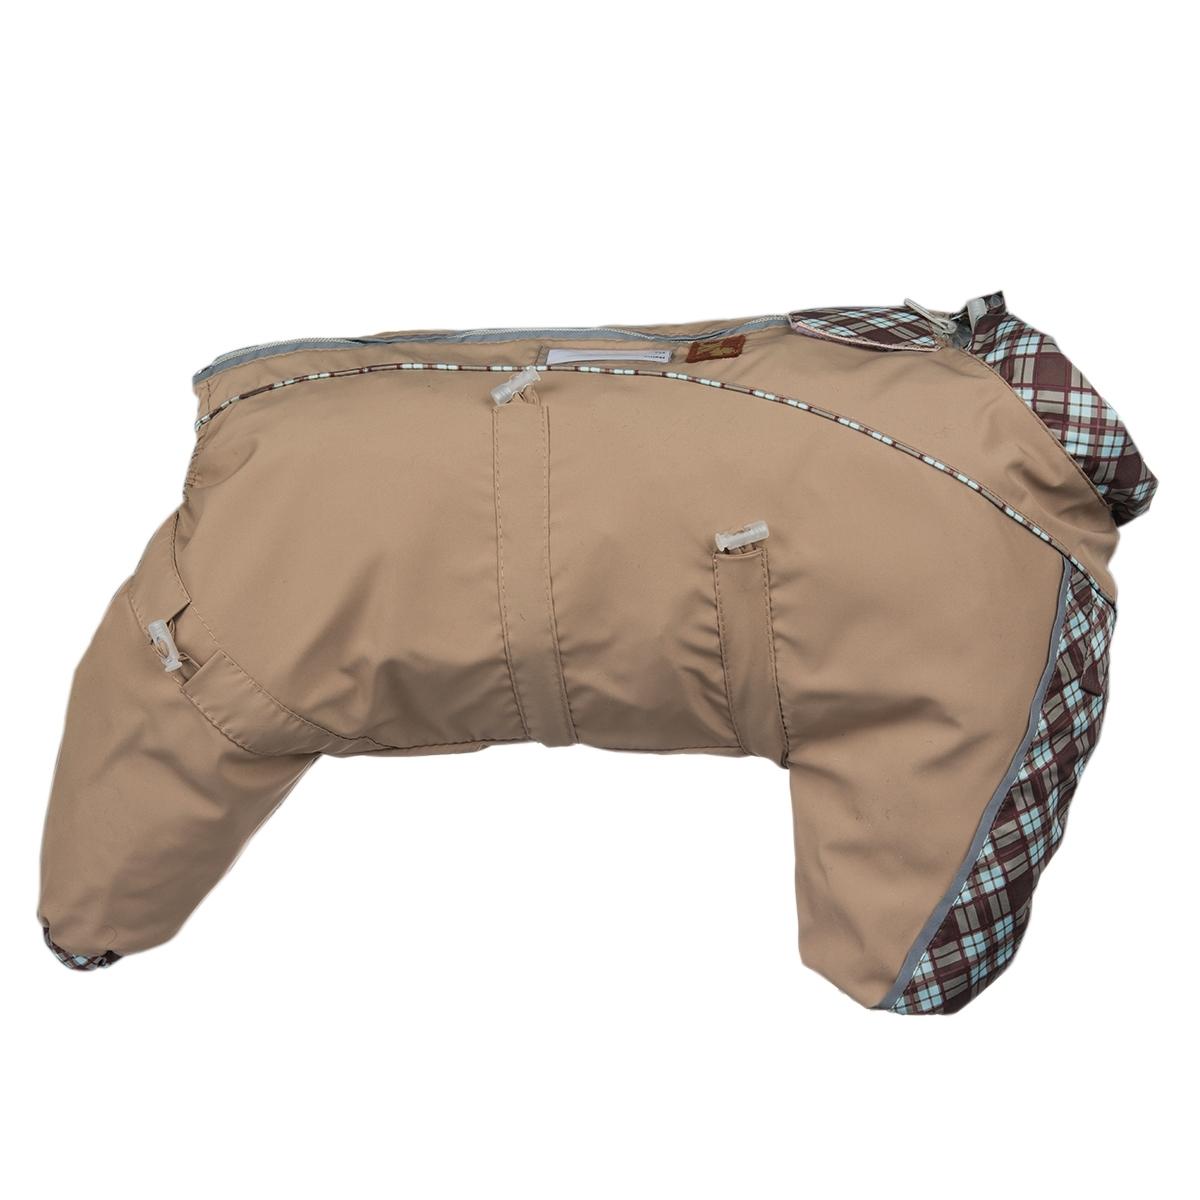 Комбинезон для собак Dogmoda Doggs, для девочки, цвет: бежевый. Размер S0120710Комбинезон для собак Dogmoda Doggs отлично подойдет для прогулок в прохладную погоду.Комбинезон изготовлен из полиэстера, защищающего от ветра и осадков, а на подкладке используется вискоза, которая обеспечивает отличный воздухообмен. Комбинезон застегивается на молнию и липучку, благодаря чему его легко надевать и снимать. Молния снабжена светоотражающими элементами. Низ рукавов и брючин оснащен внутренними резинками, которые мягко обхватывают лапки, не позволяя просачиваться холодному воздуху. На вороте, пояснице и лапках комбинезон затягивается на шнурок-кулиску с затяжкой. Благодаря такому комбинезону простуда не грозит вашему питомцу.Длина по спинке: 28 см.Объем груди: 65 см.Обхват шеи: 50 см.